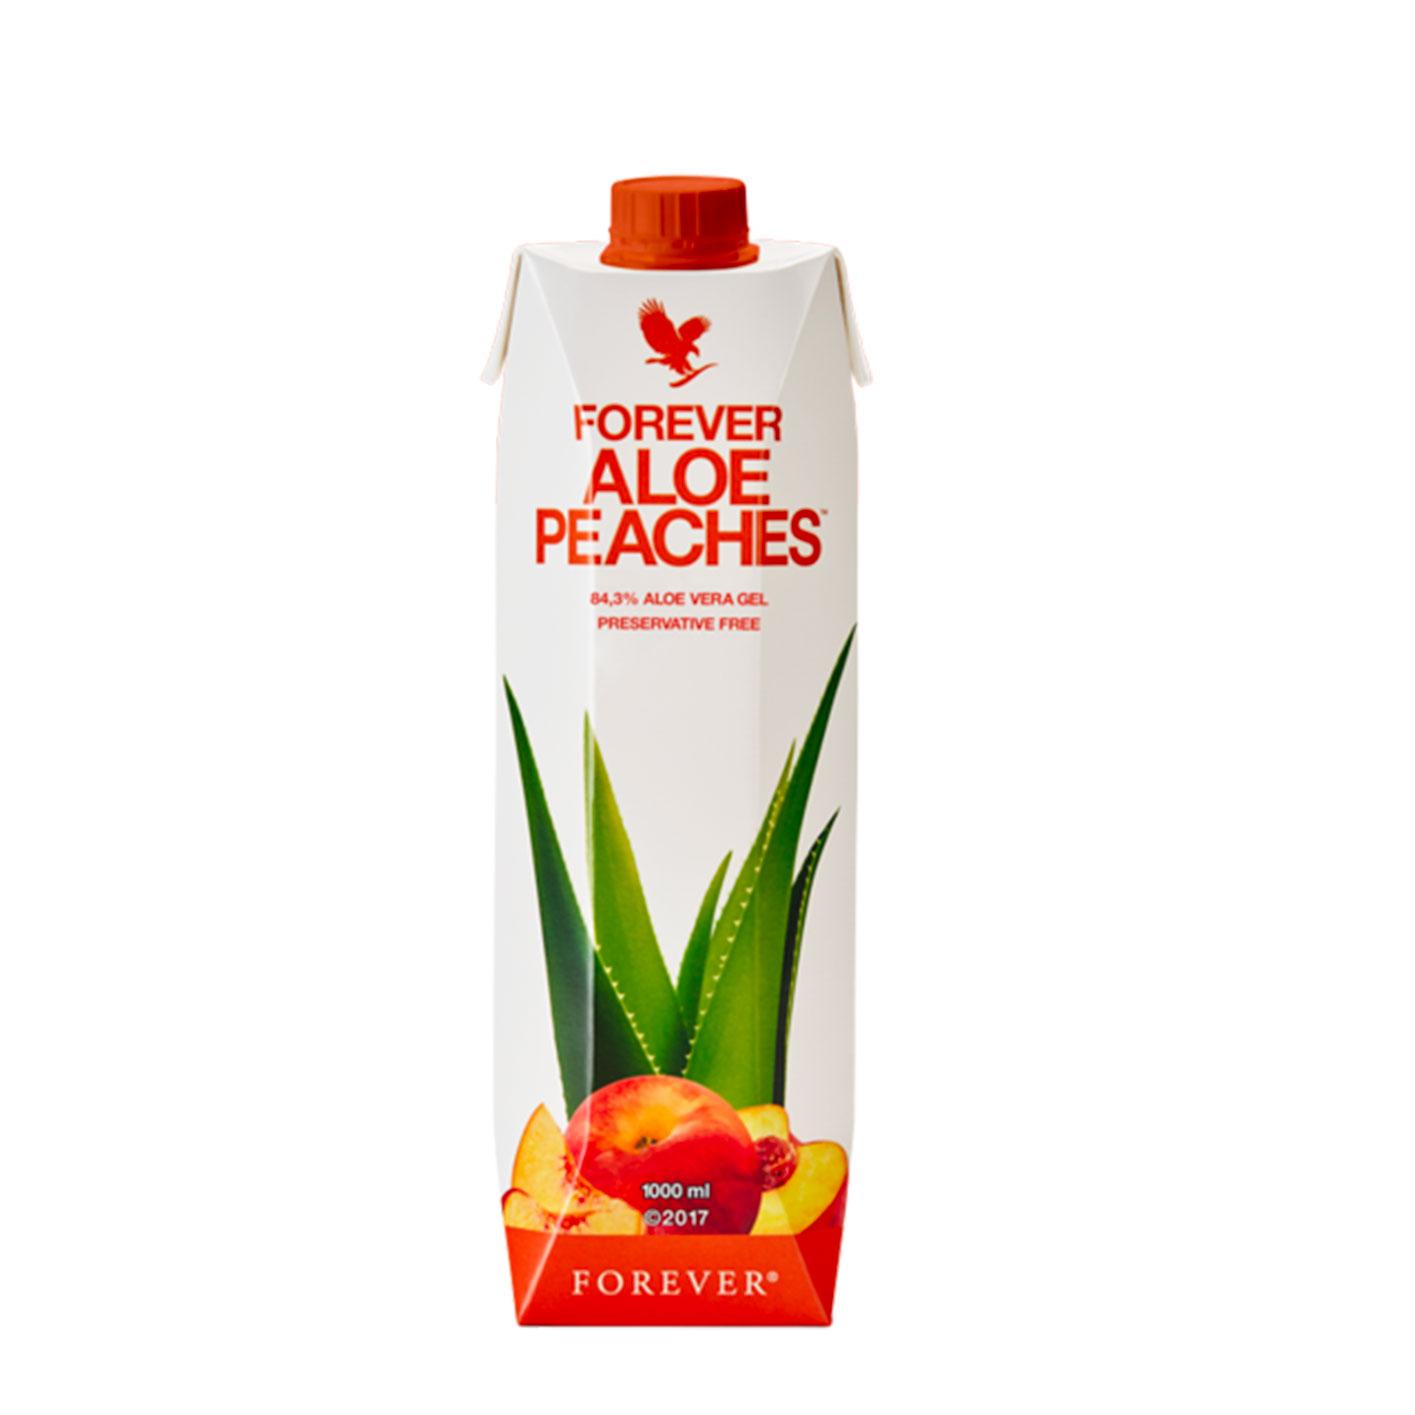 Forever Aloe Peaches napoj z aloe vera